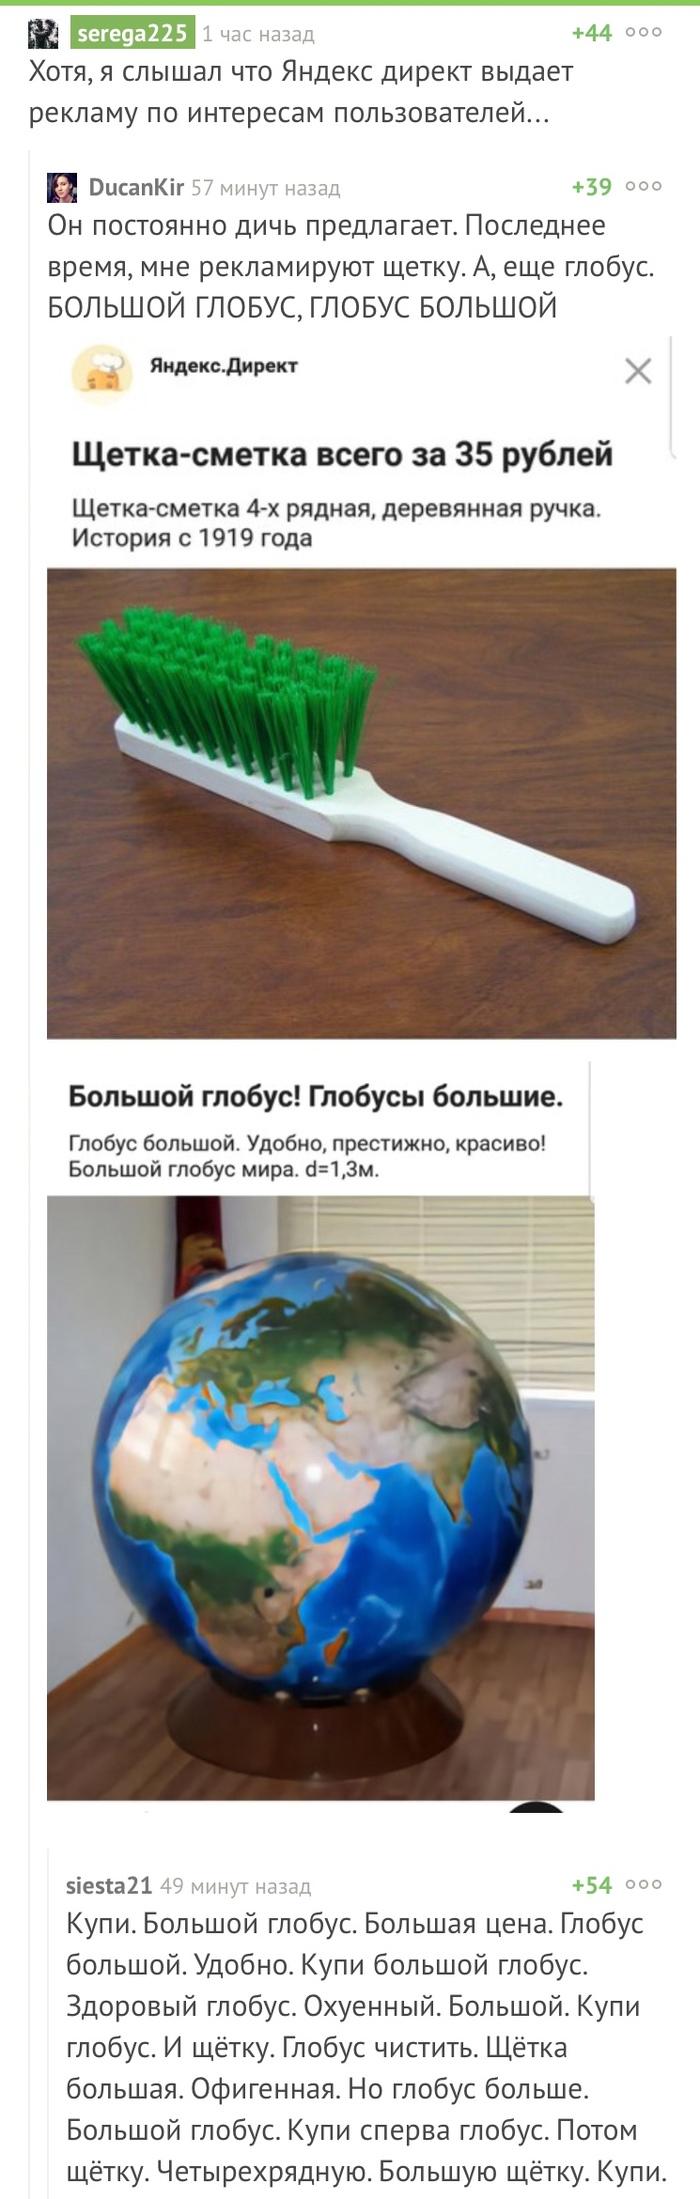 Реклама Комментарии, Комментарии на Пикабу, Реклама, Яндекс директ, Длиннопост, Скриншот